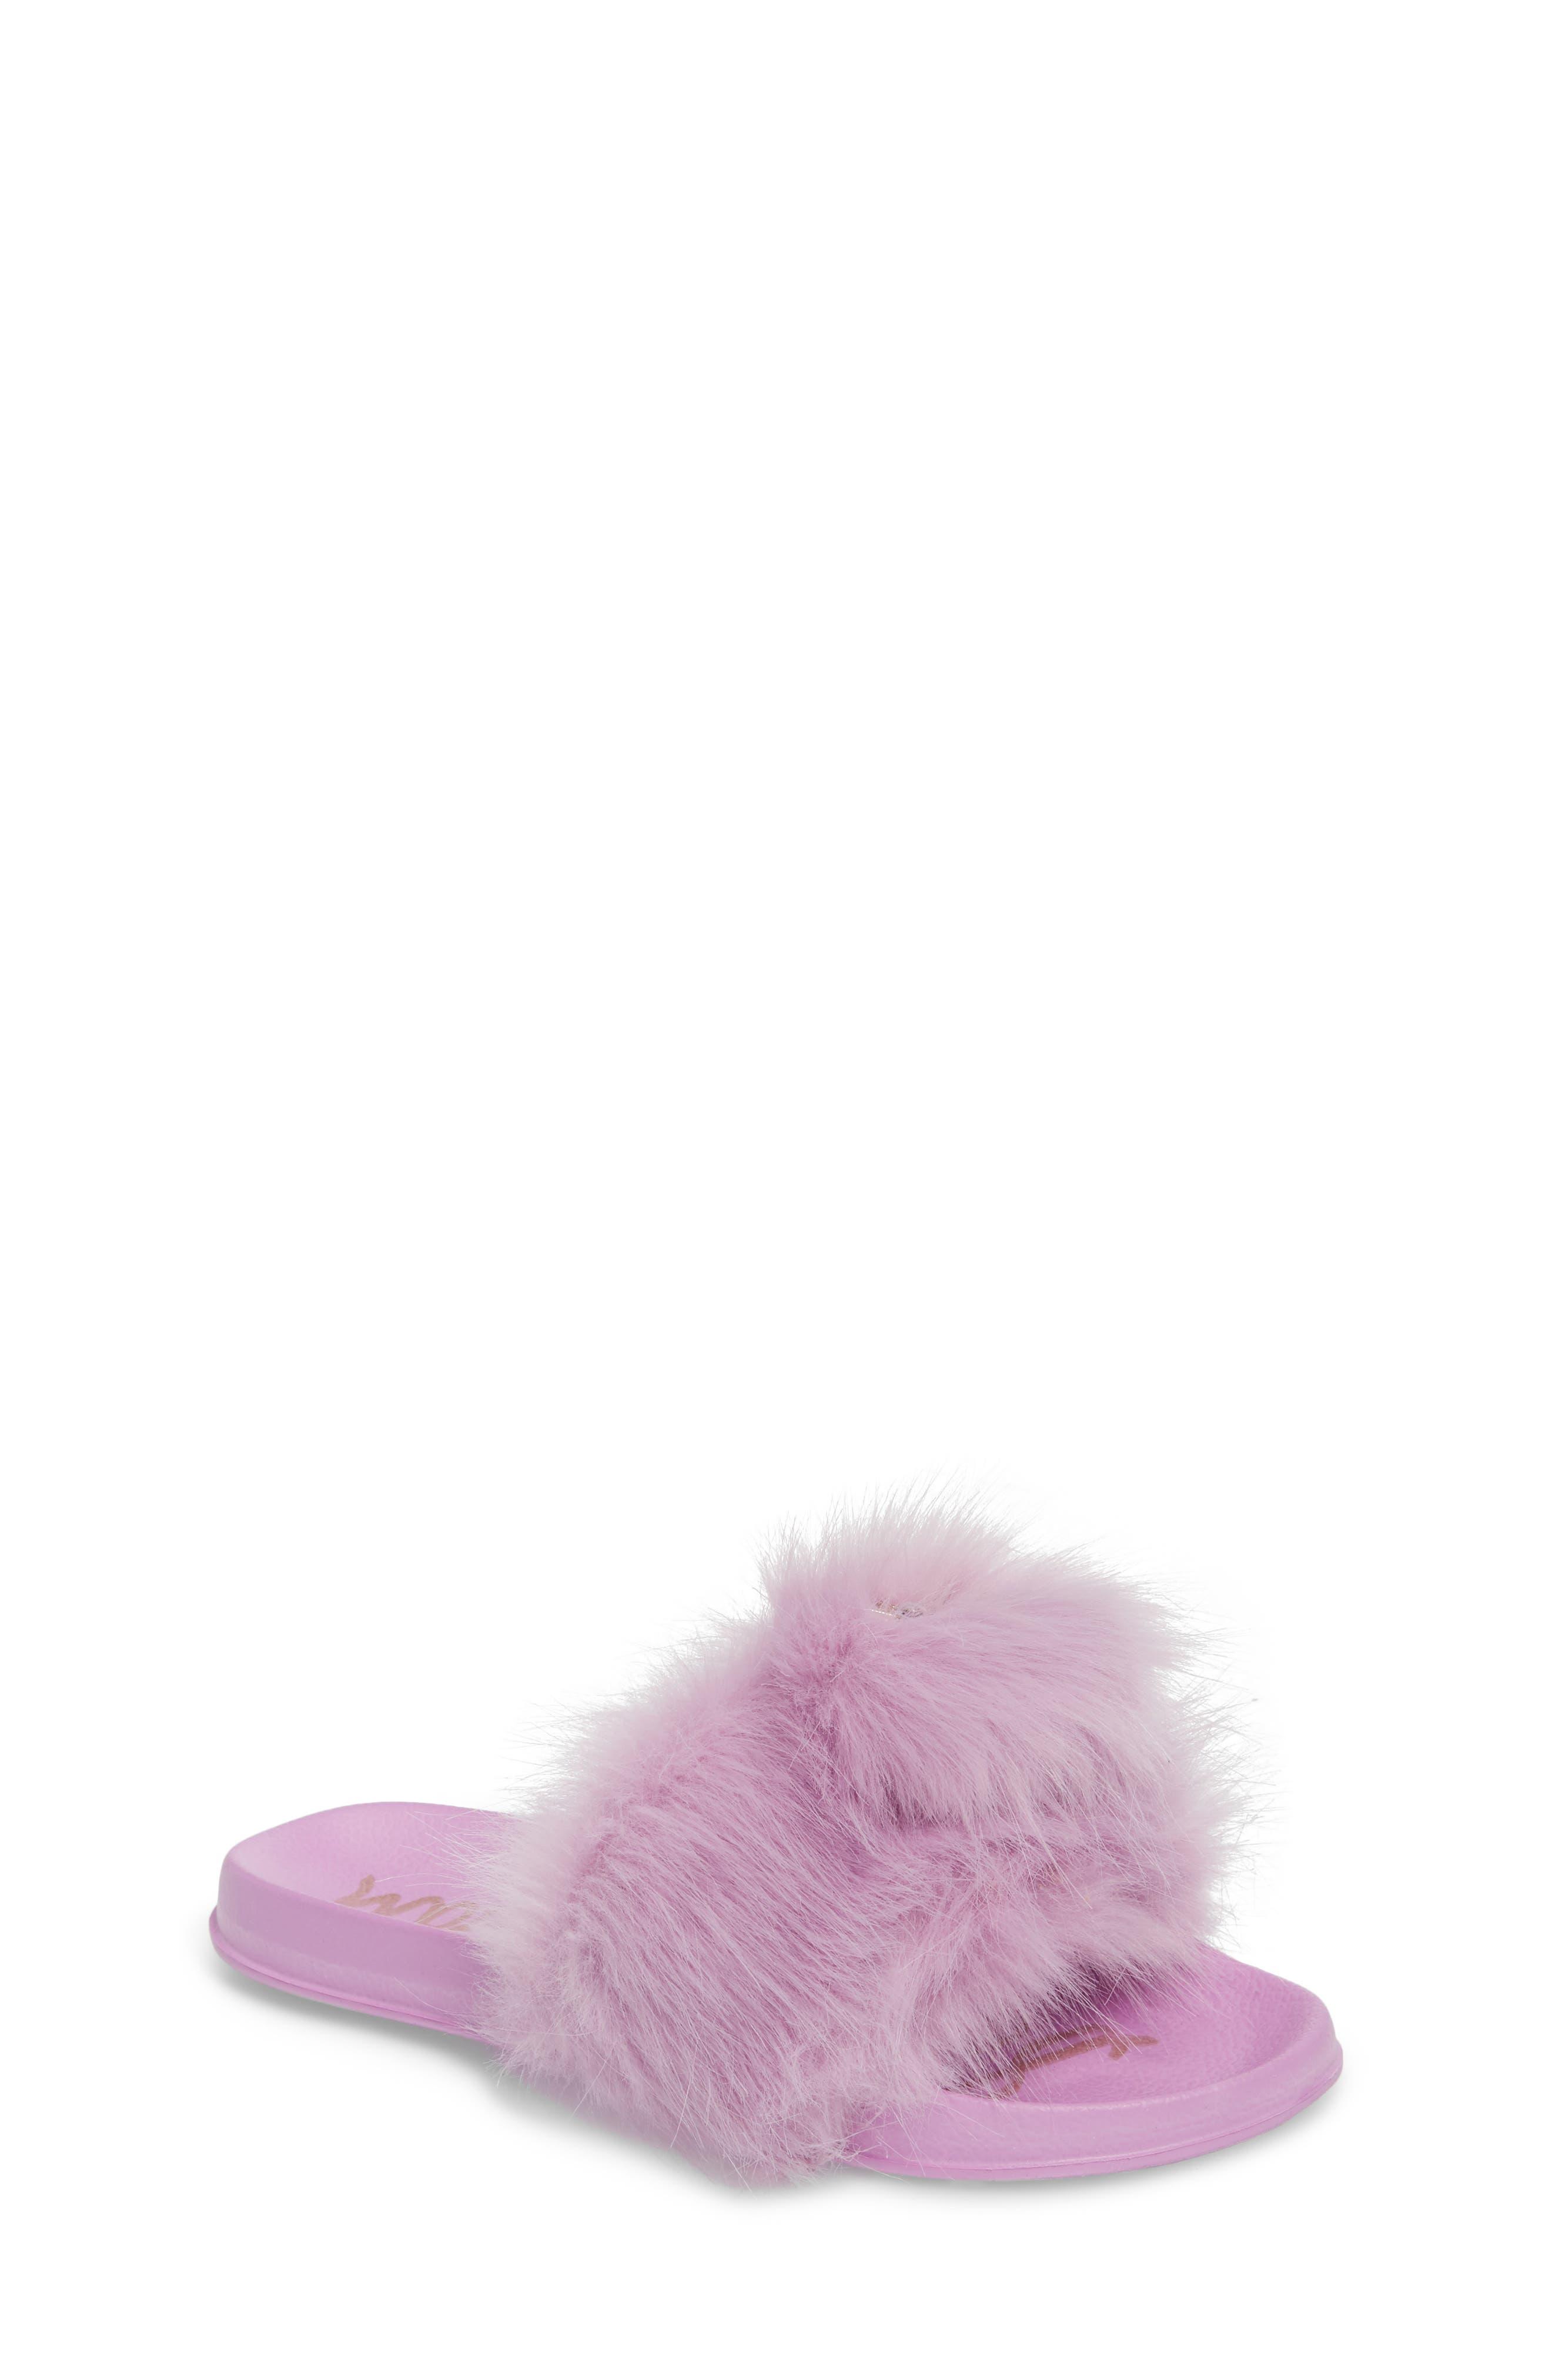 Mackie Aster Faux Fur Slide Sandal,                             Main thumbnail 1, color,                             Lavender Faux Fur